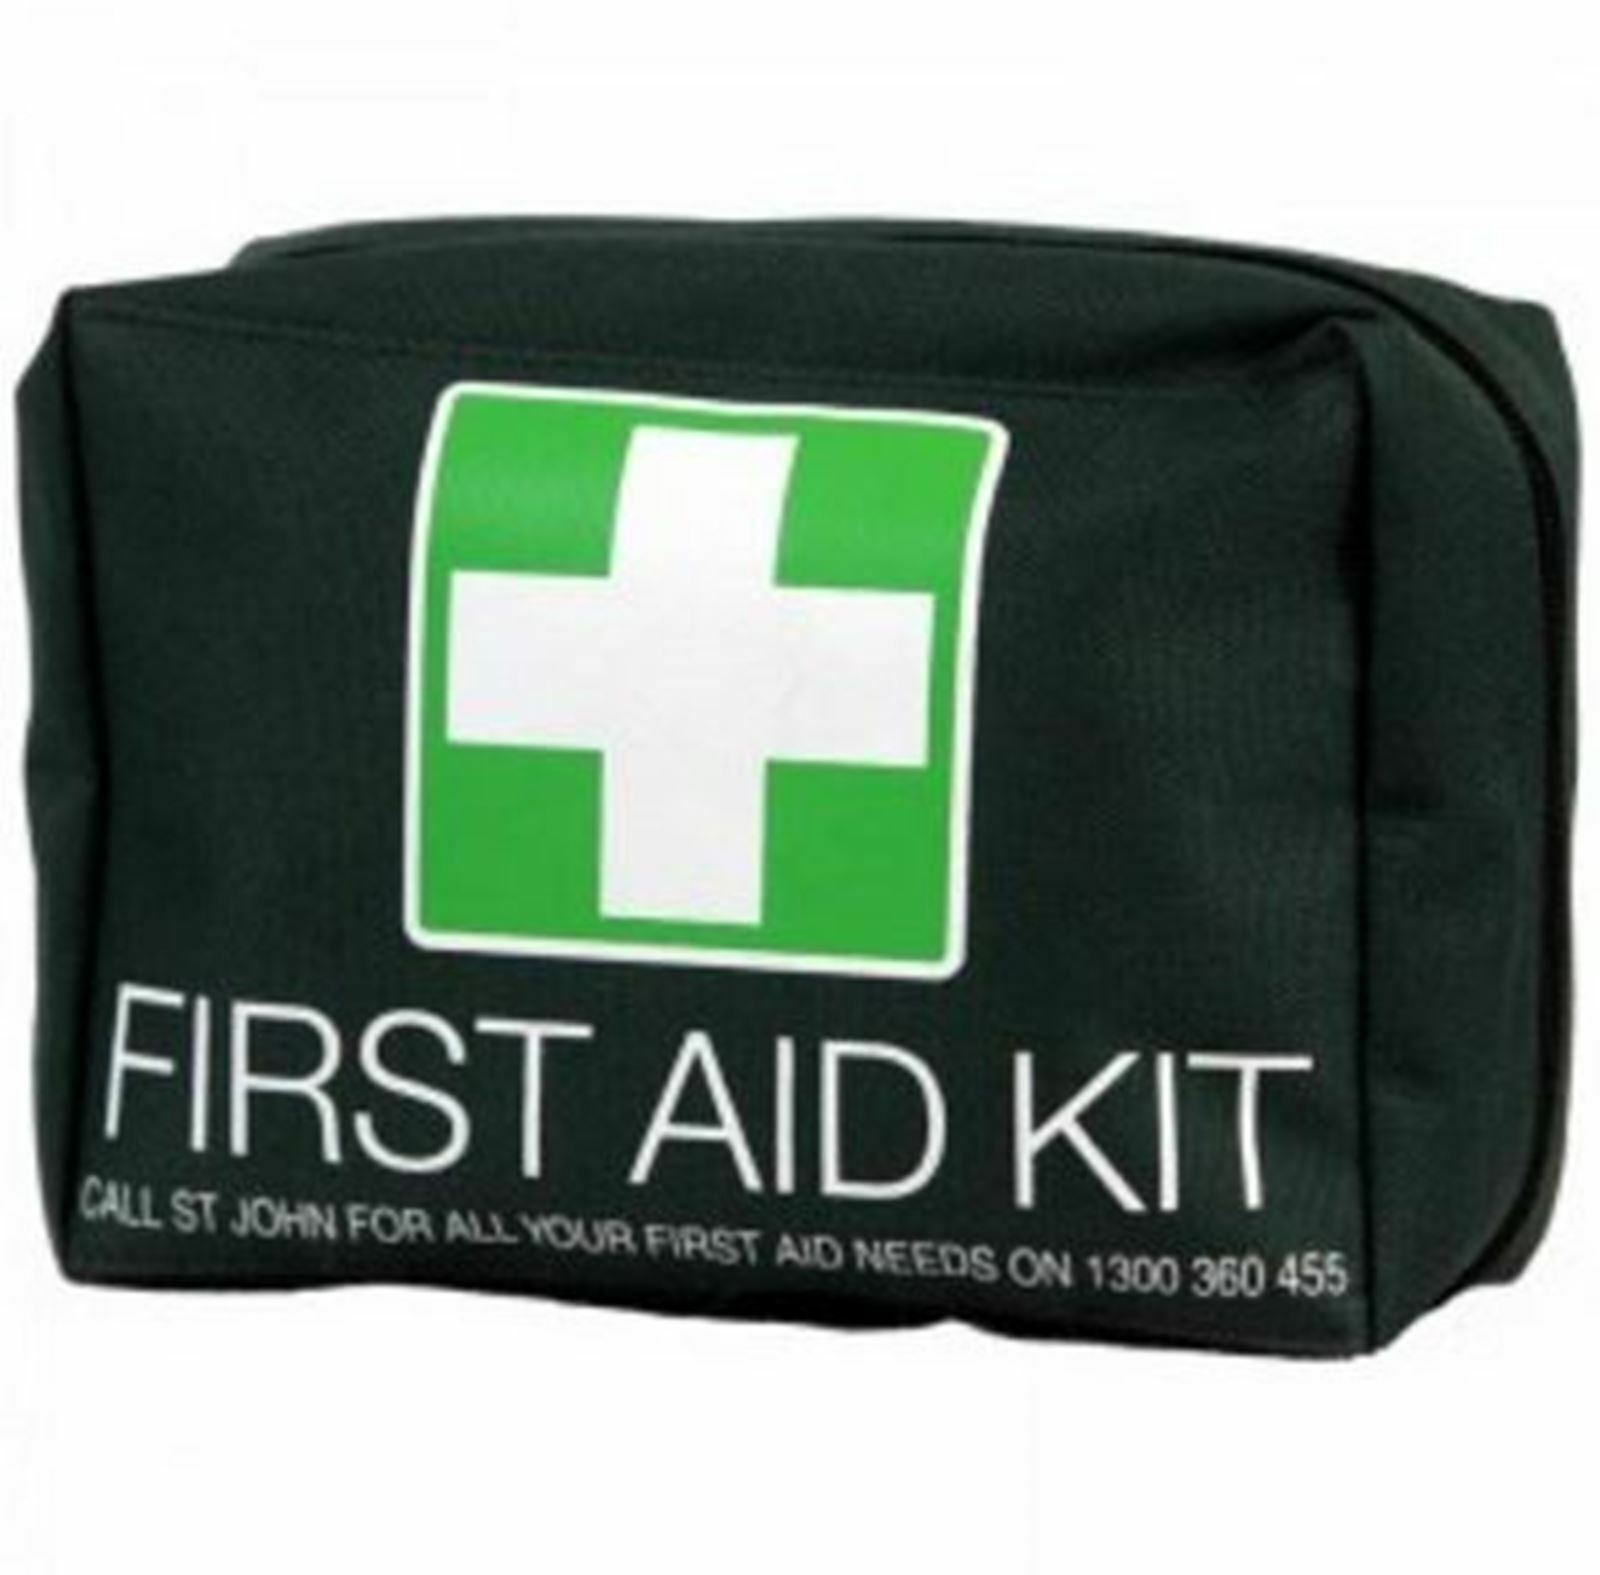 Nuevo Kit de ocio St John Personal Resistente al Agua Primeros Auxilios aventuras al aire libre